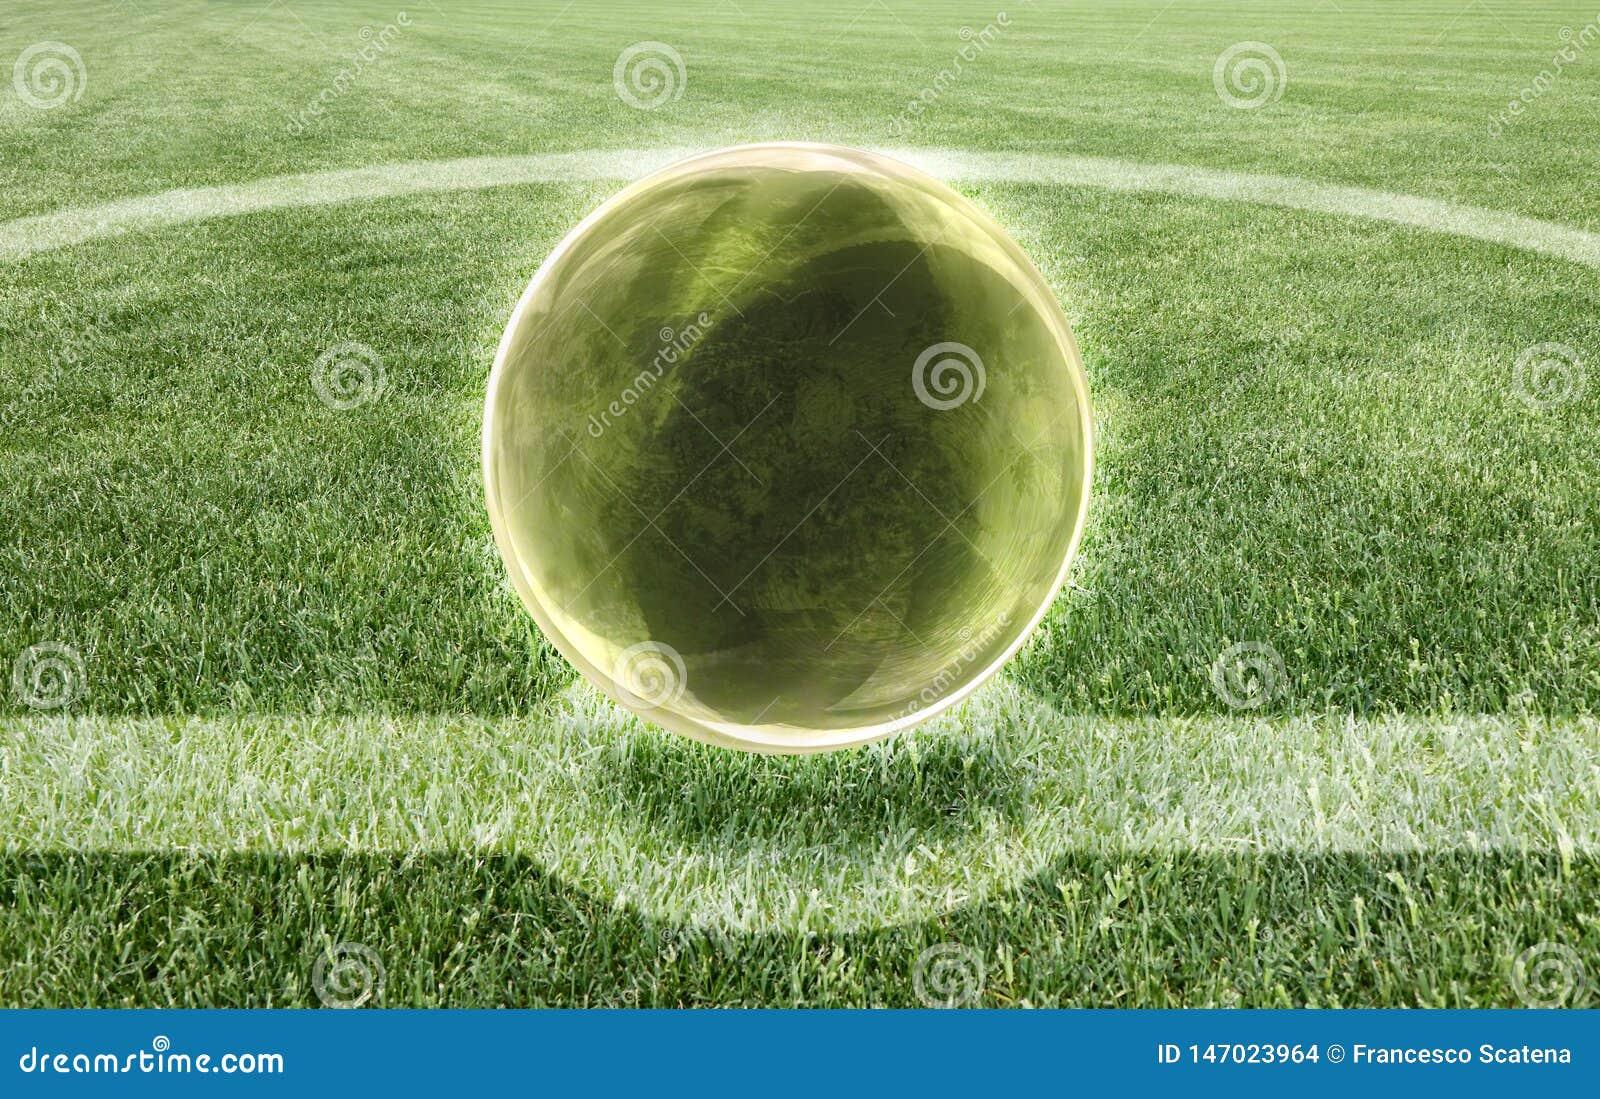 La bola de cristal en el medio de un campo de fútbol - predicción de la imagen del concepto del resultado